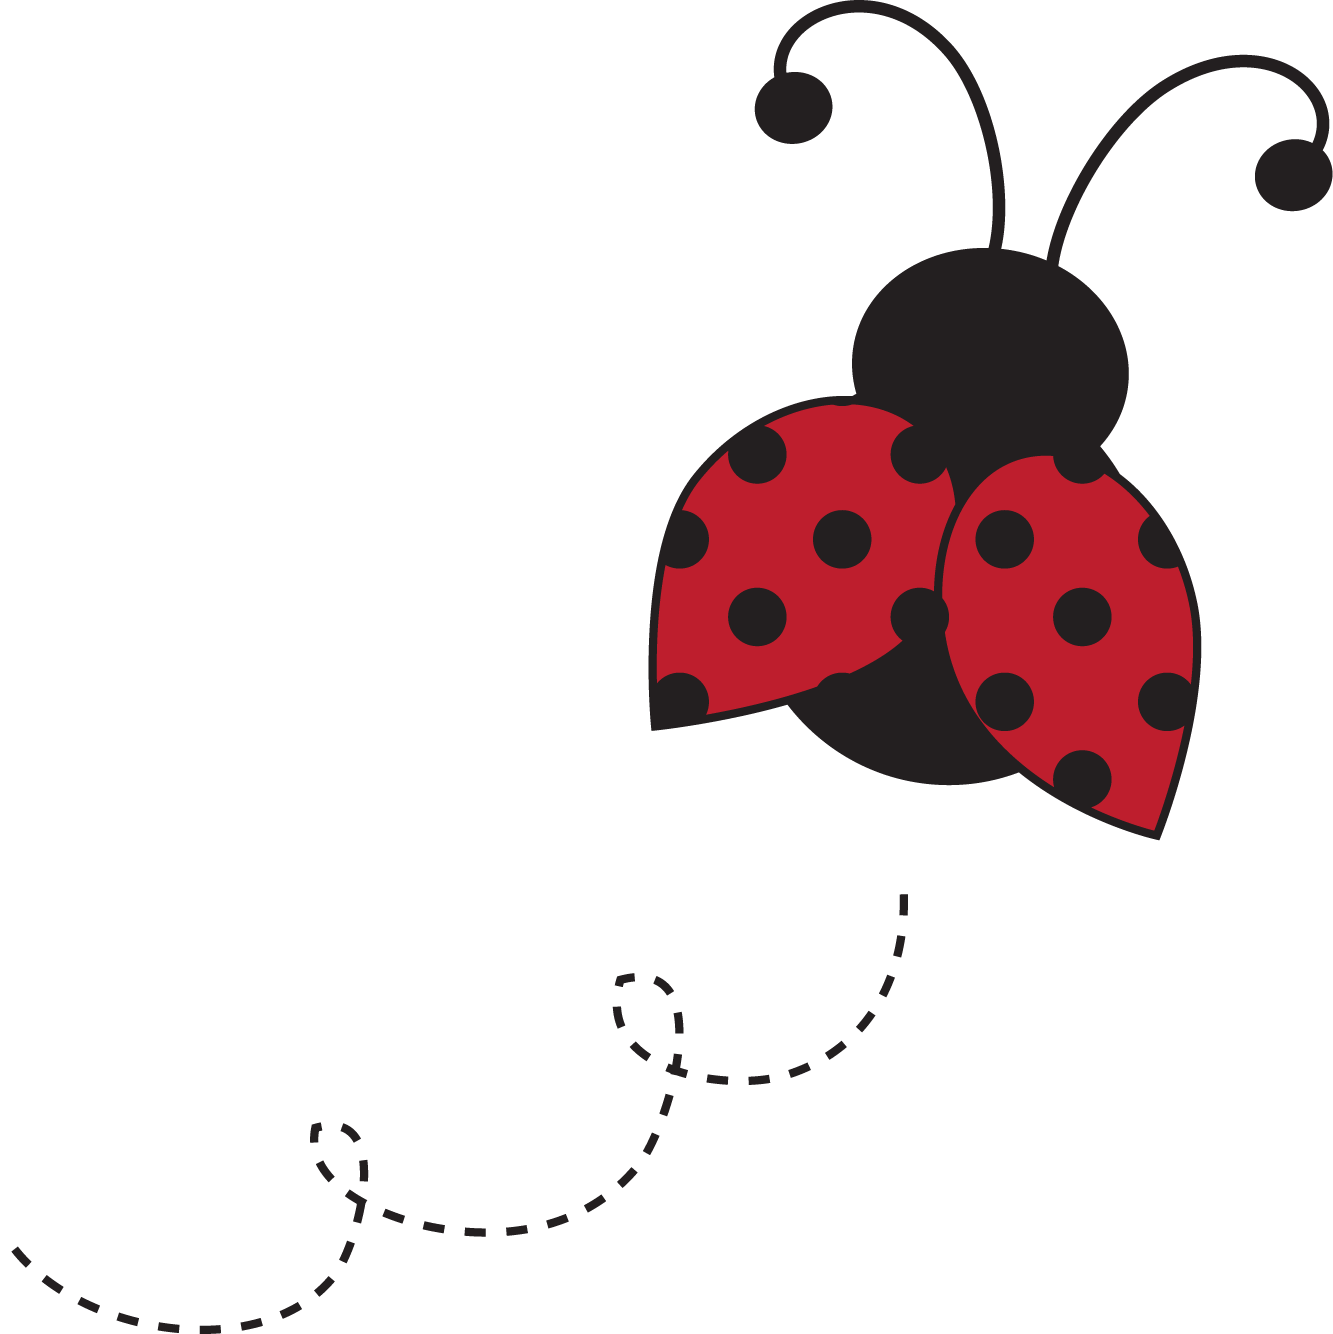 Baby Ladybug Clipart.